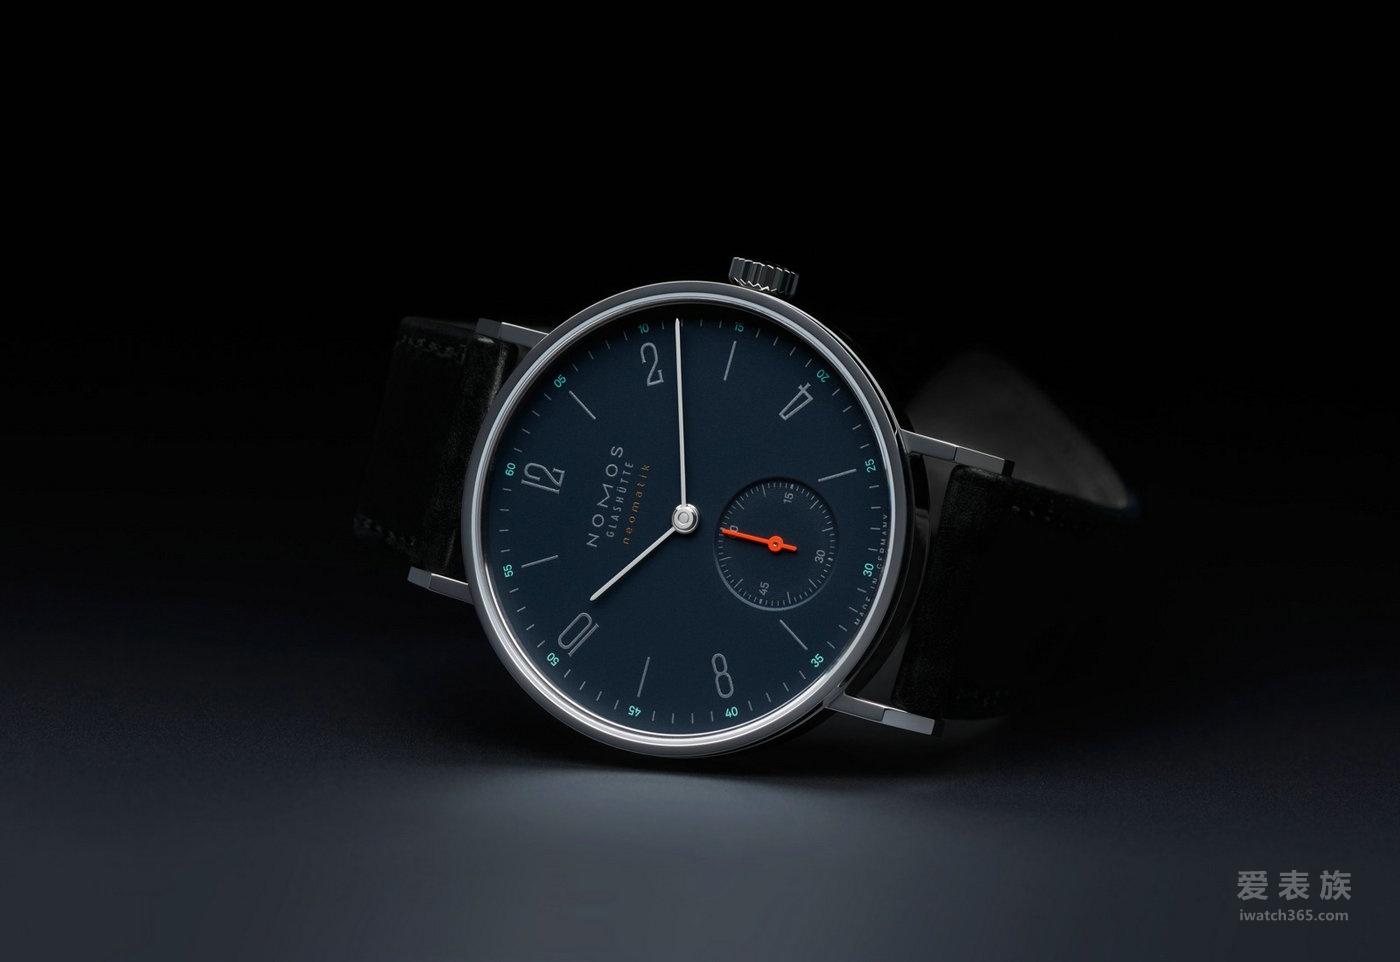 蓝色优雅 NOMOS Tangente neomatik nachtblau腕表